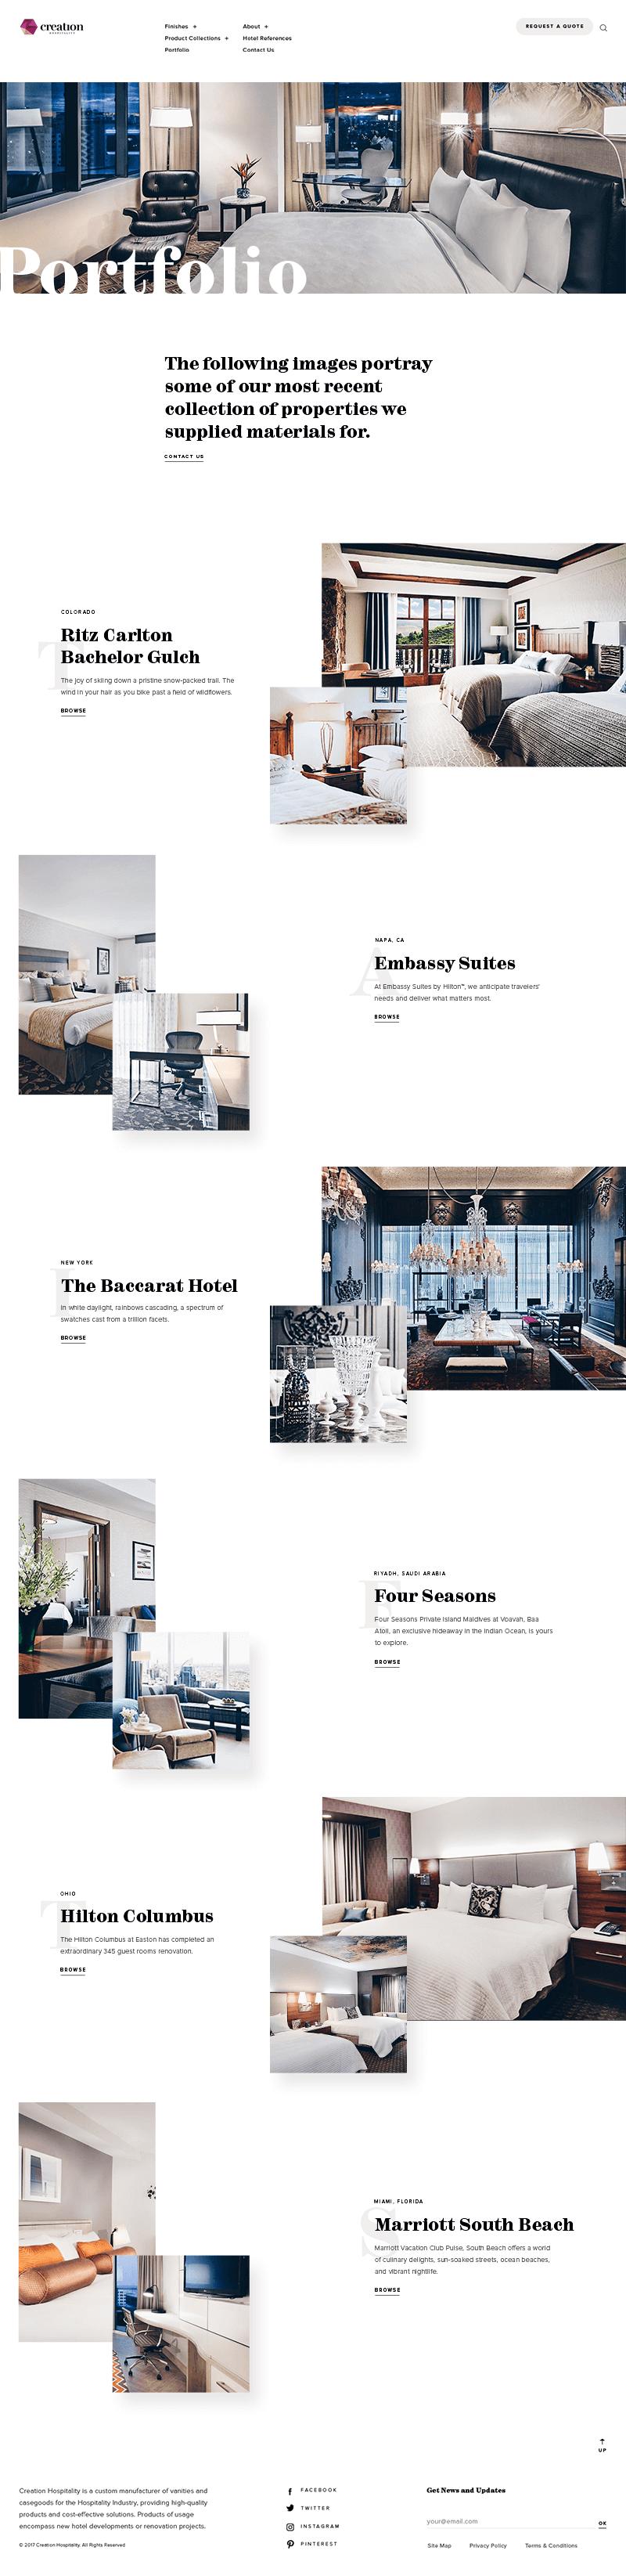 Creation Hospitality Home Page Screenshot